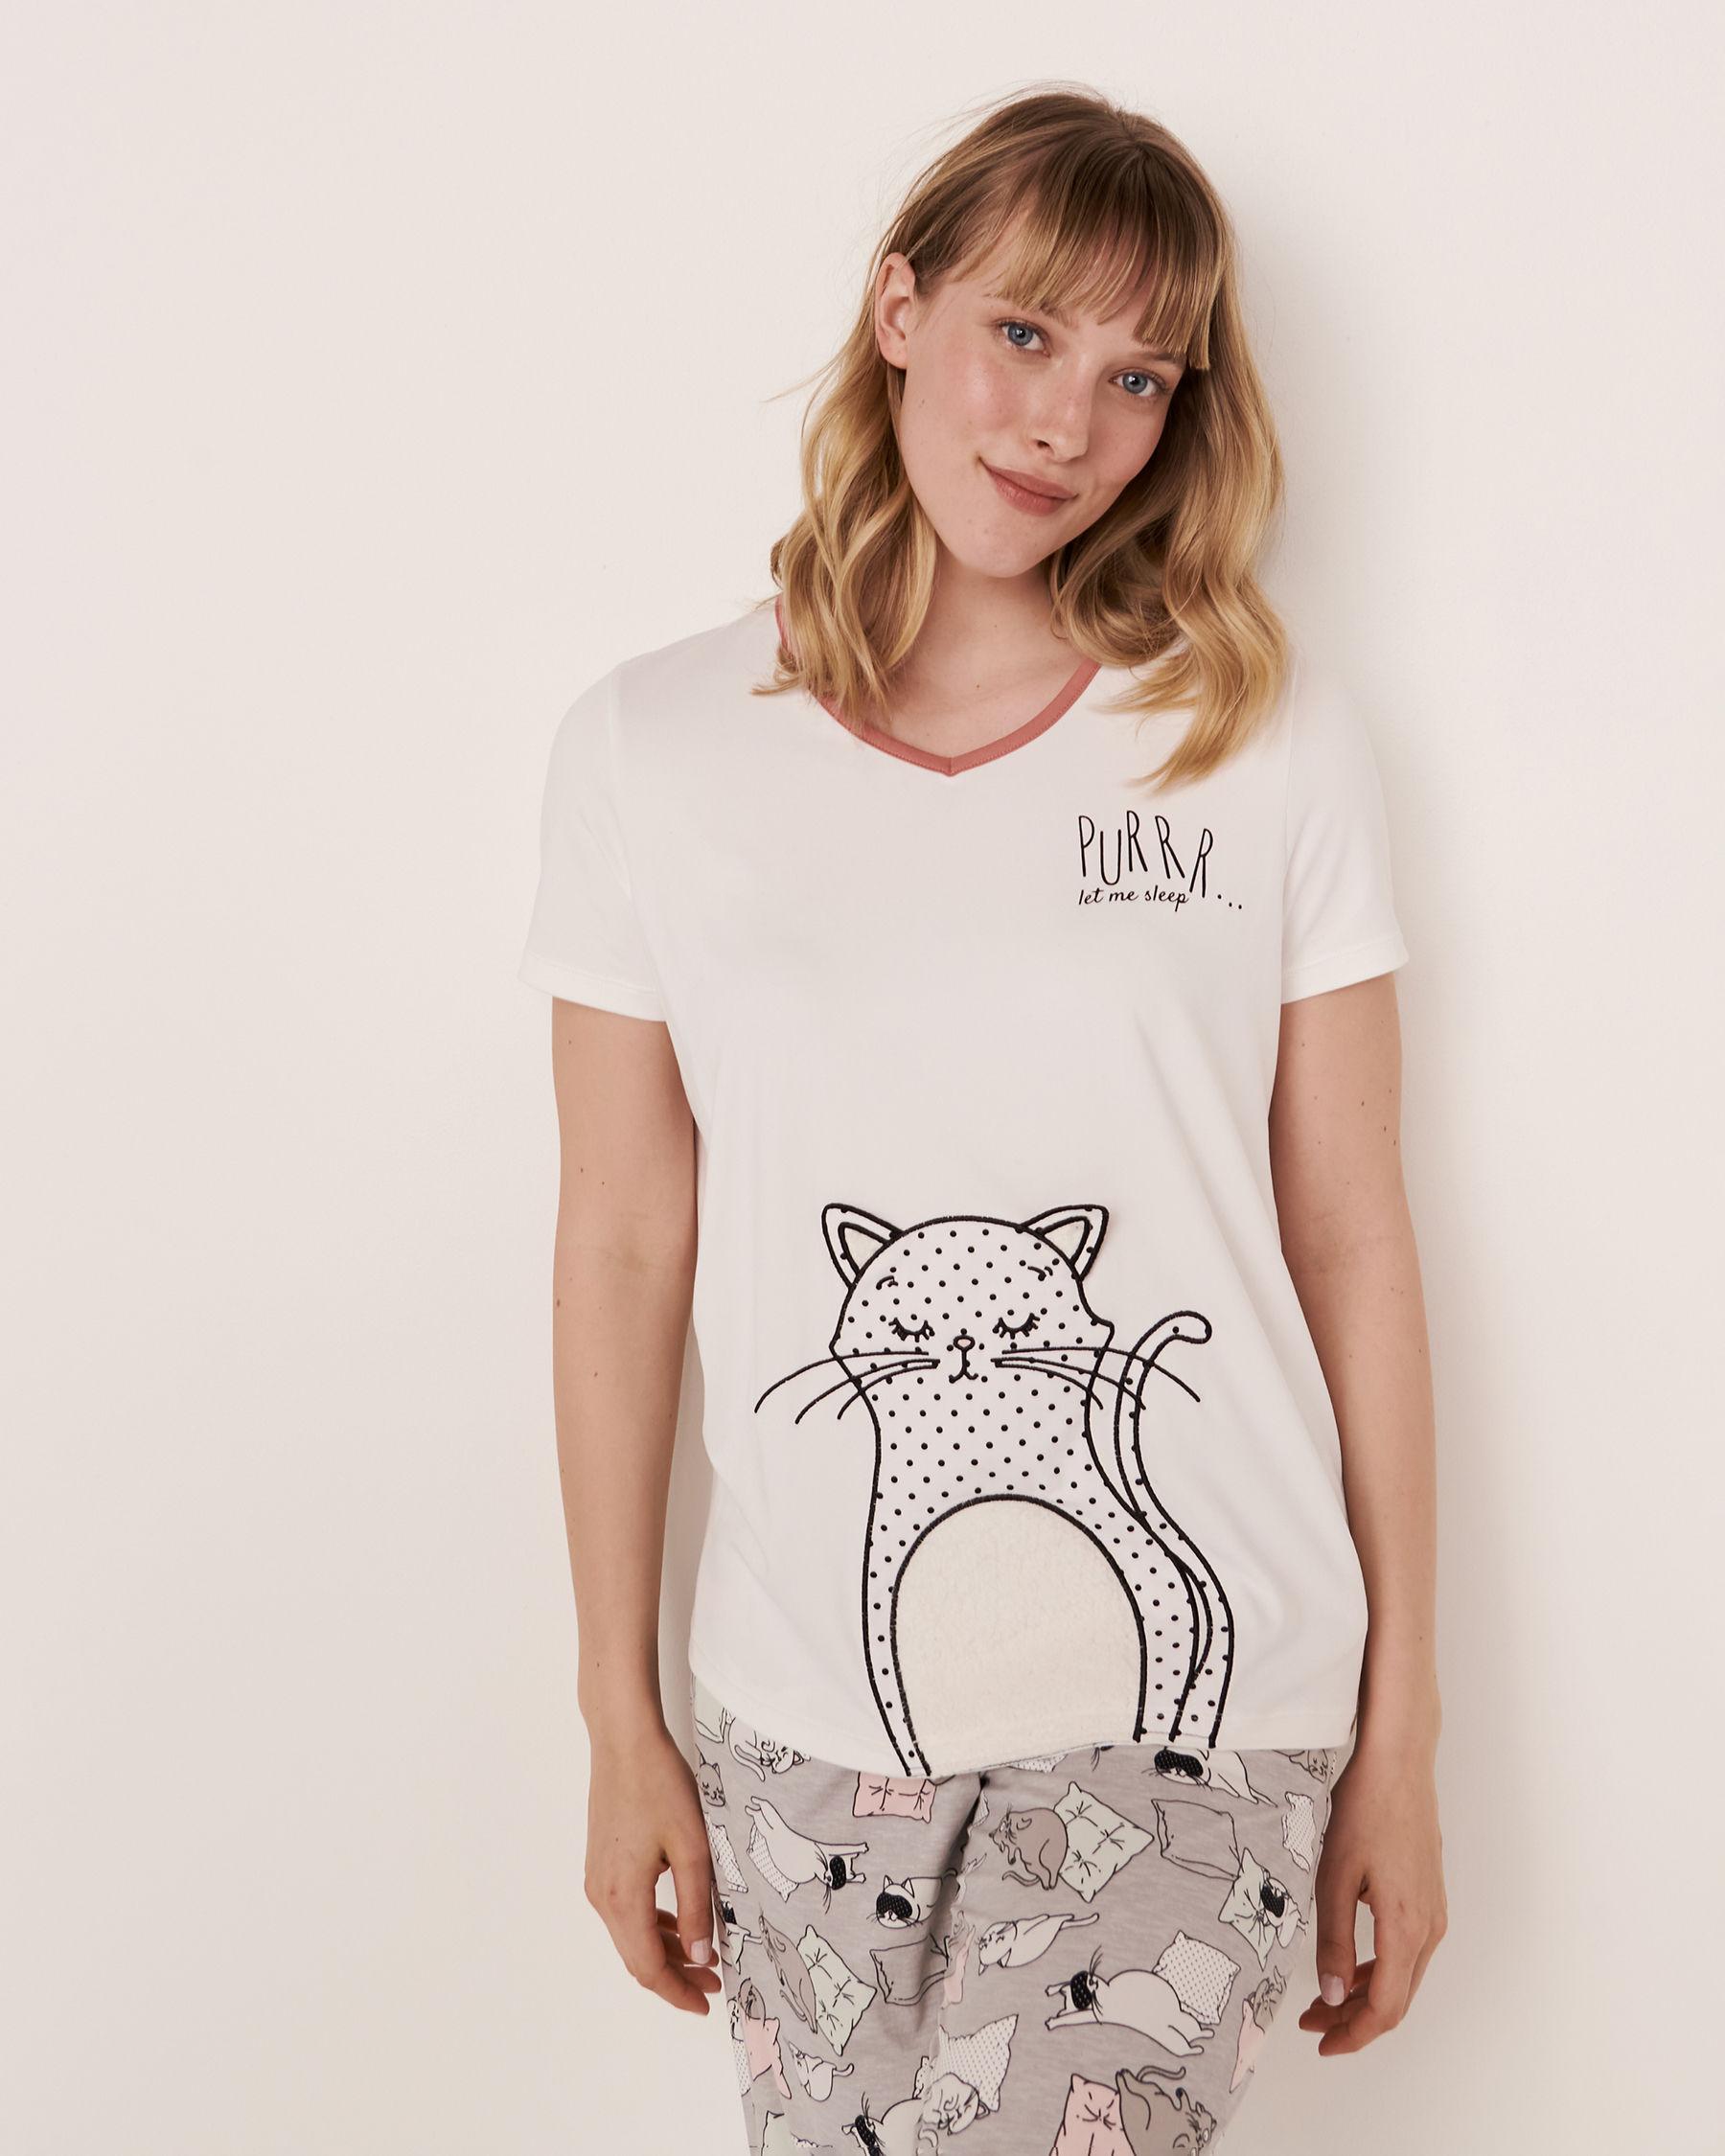 LA VIE EN ROSE 3D Details T-shirt White 40100085 - View1